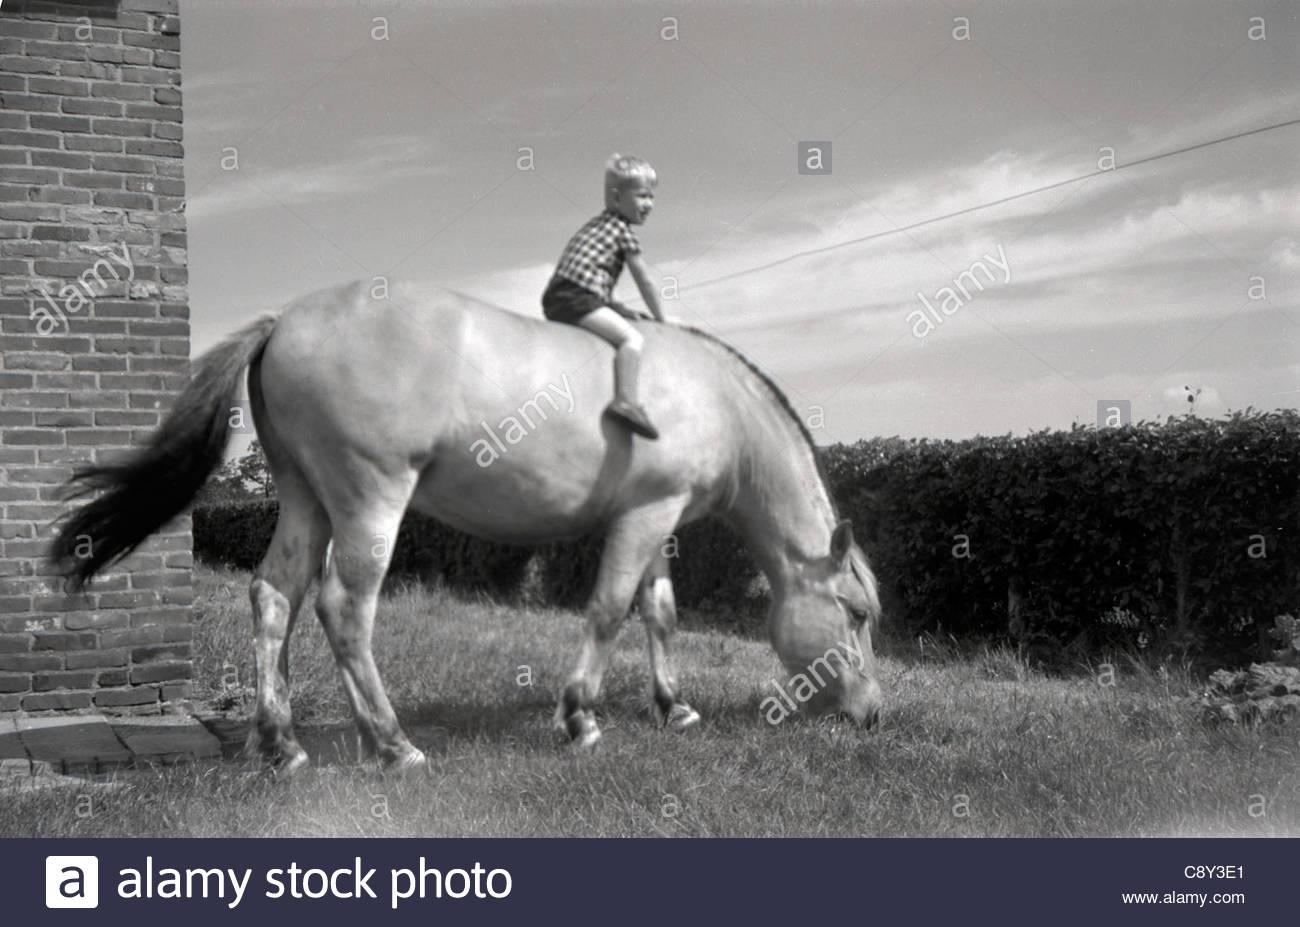 ein kleiner Junge sitzt auf der Rückseite eines großen Pferdes Holland 1960er Jahre Stockbild